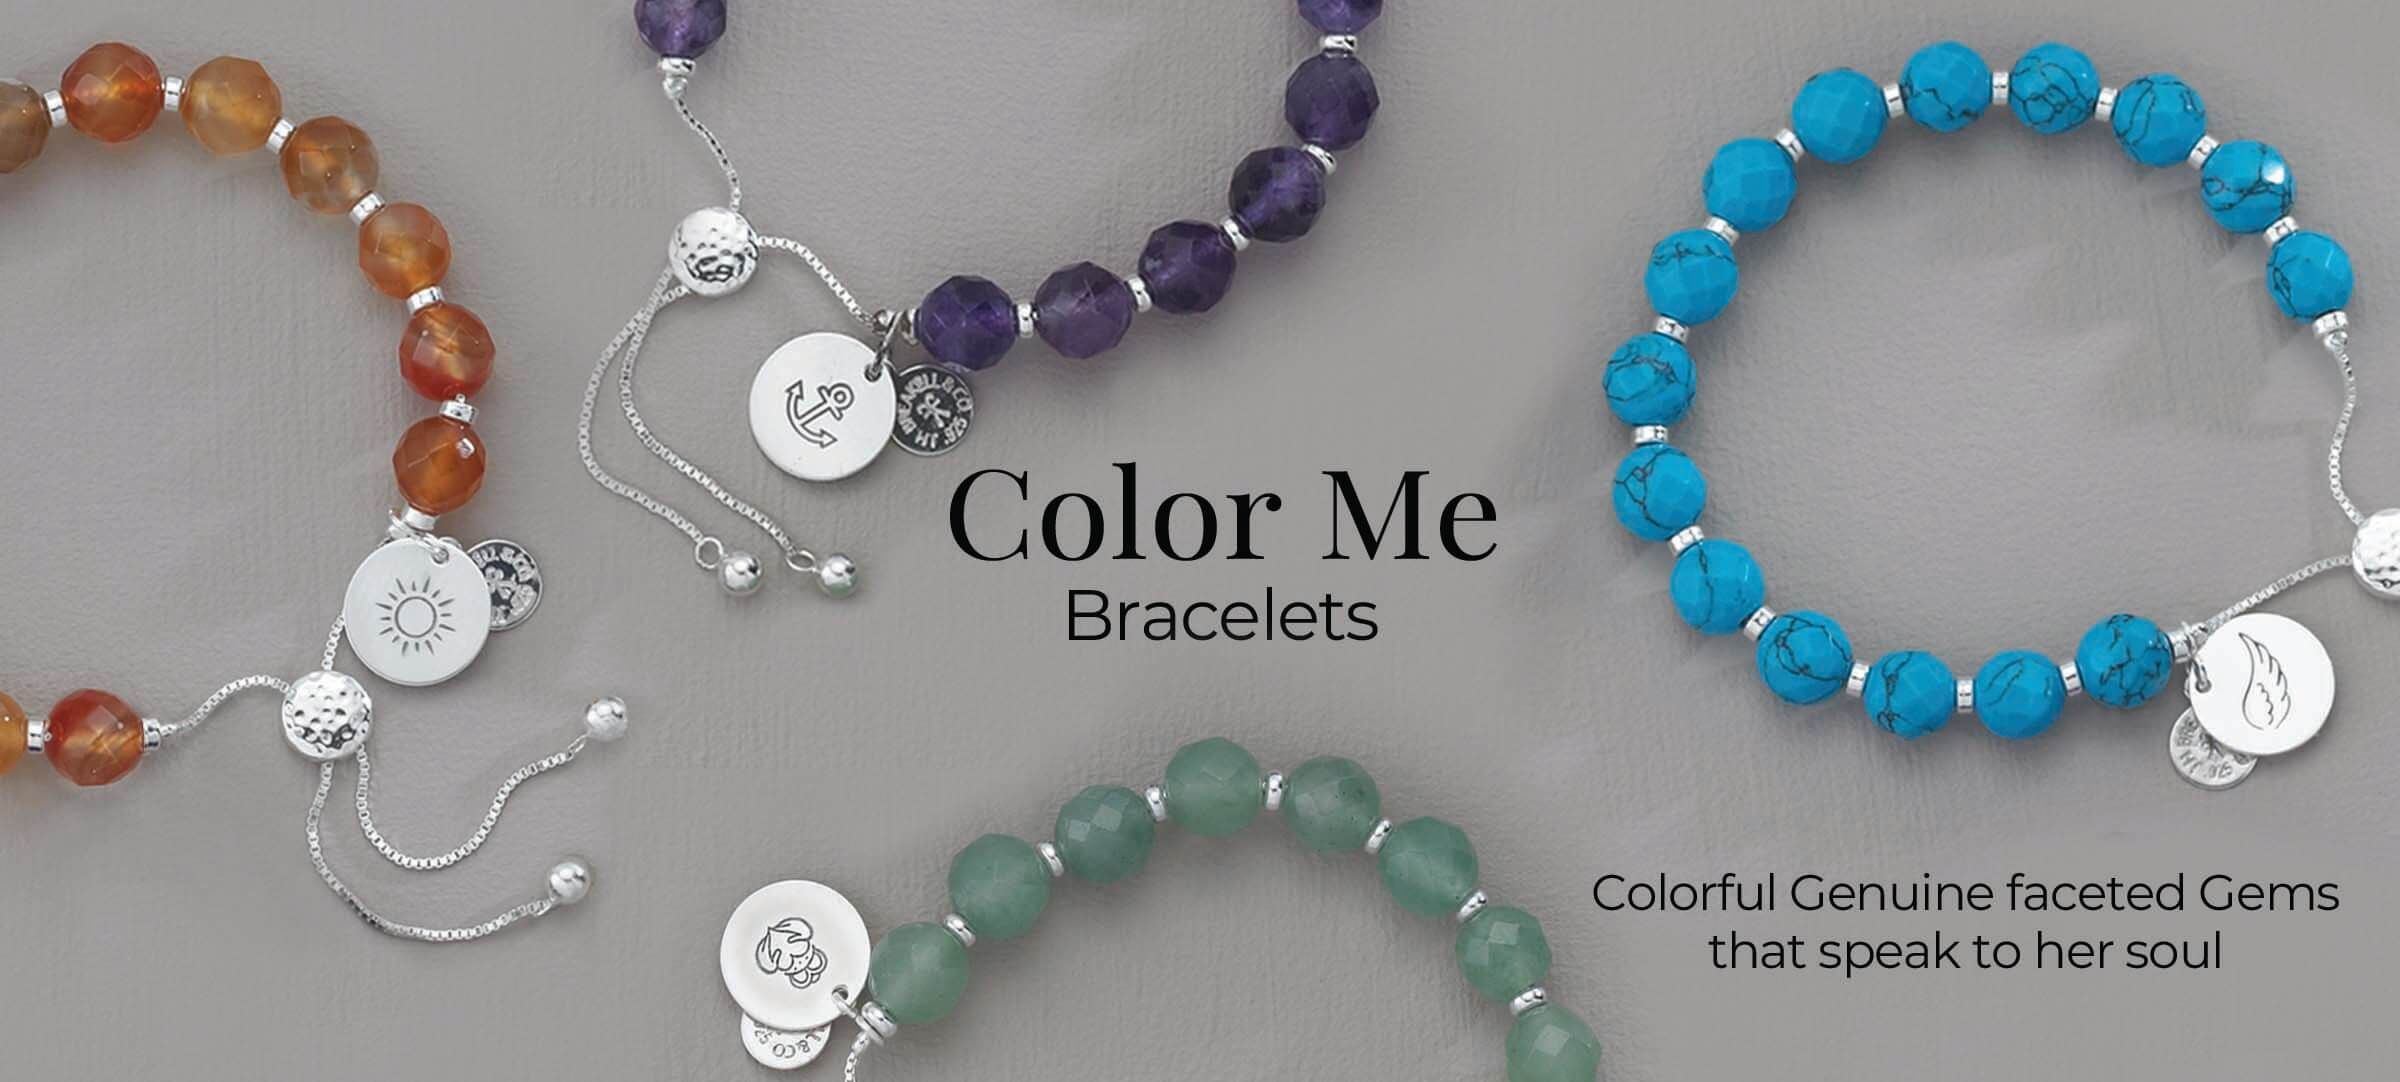 color-me-bracelets-landing.jpg